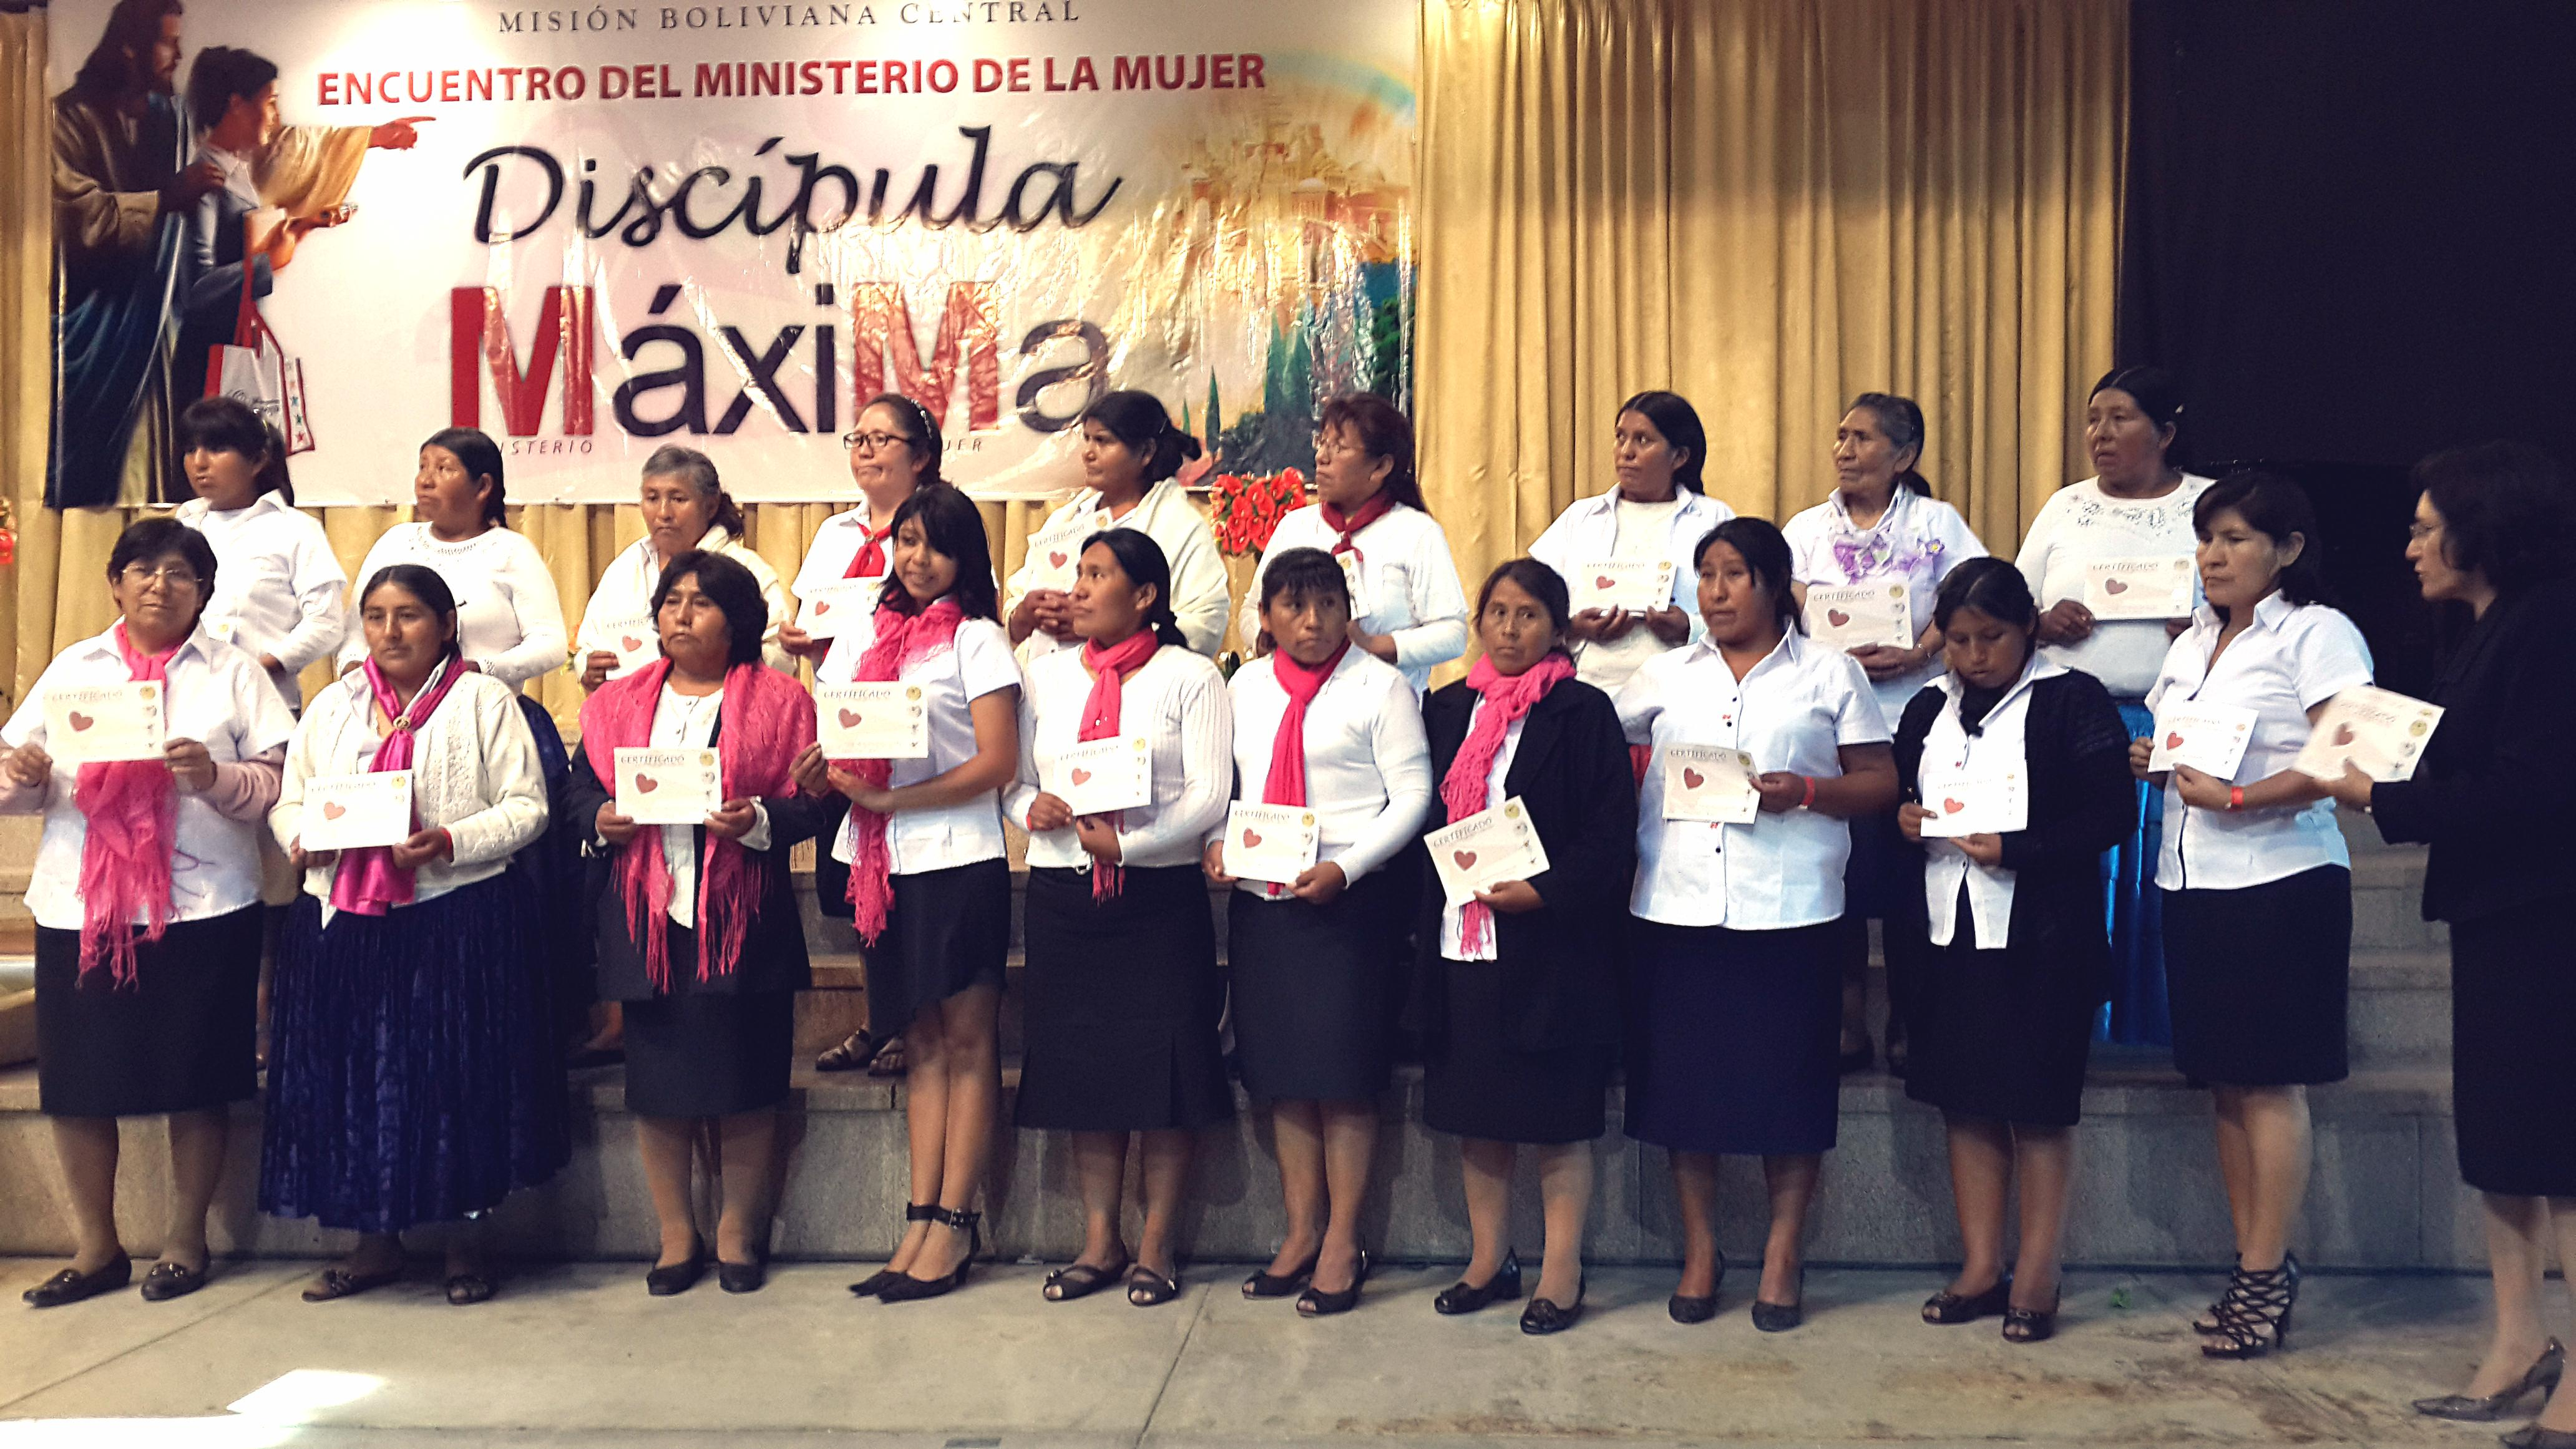 discipula maxima 2